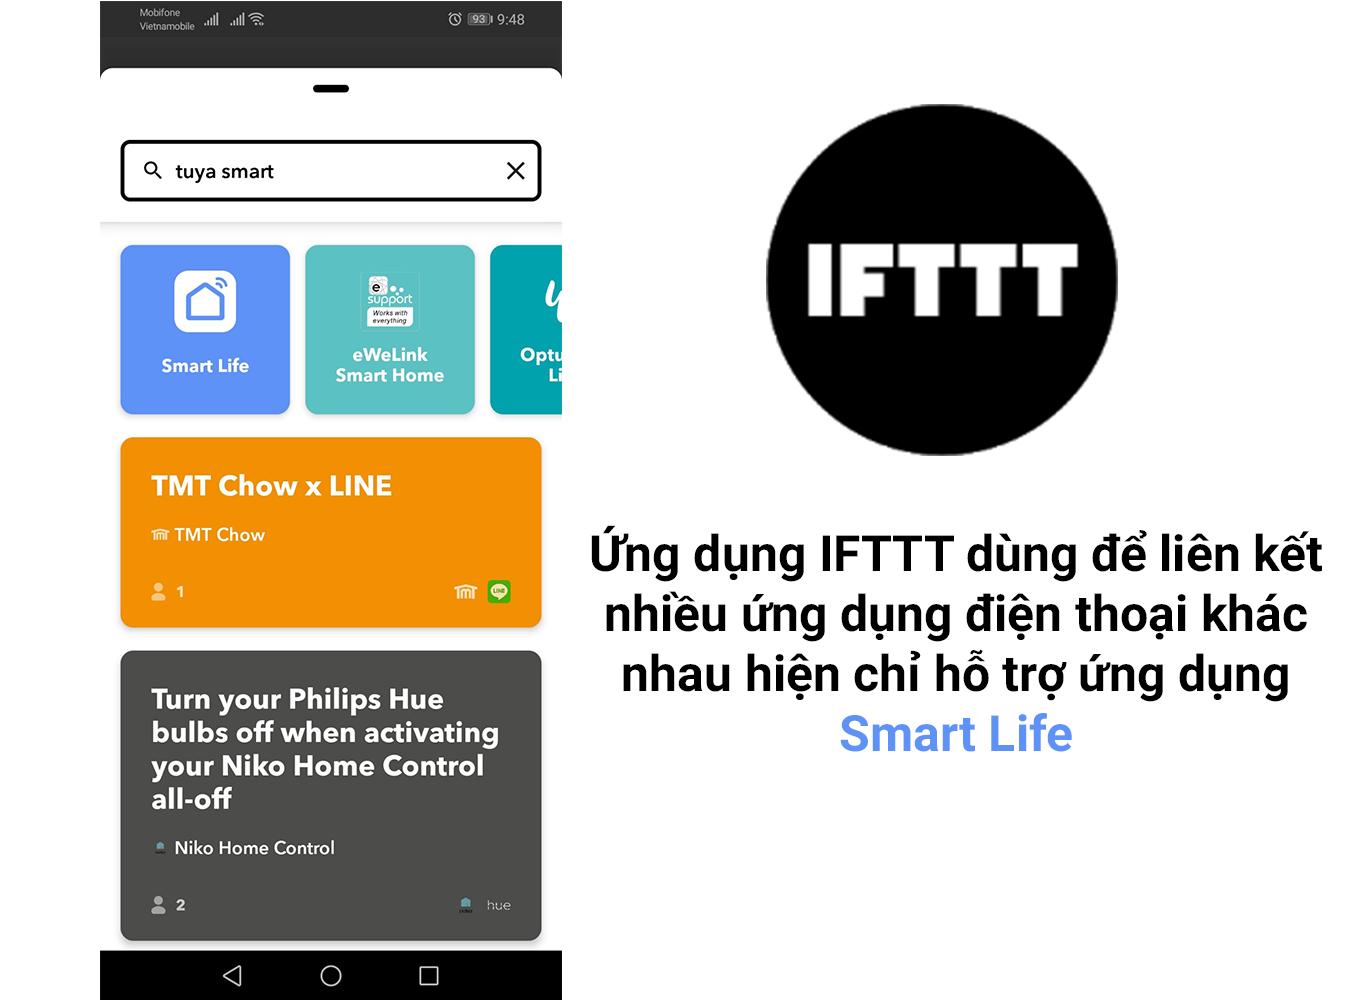 Ứng dụng Tuya Smart và Smart Life có gì khác nhau và giống nhau?